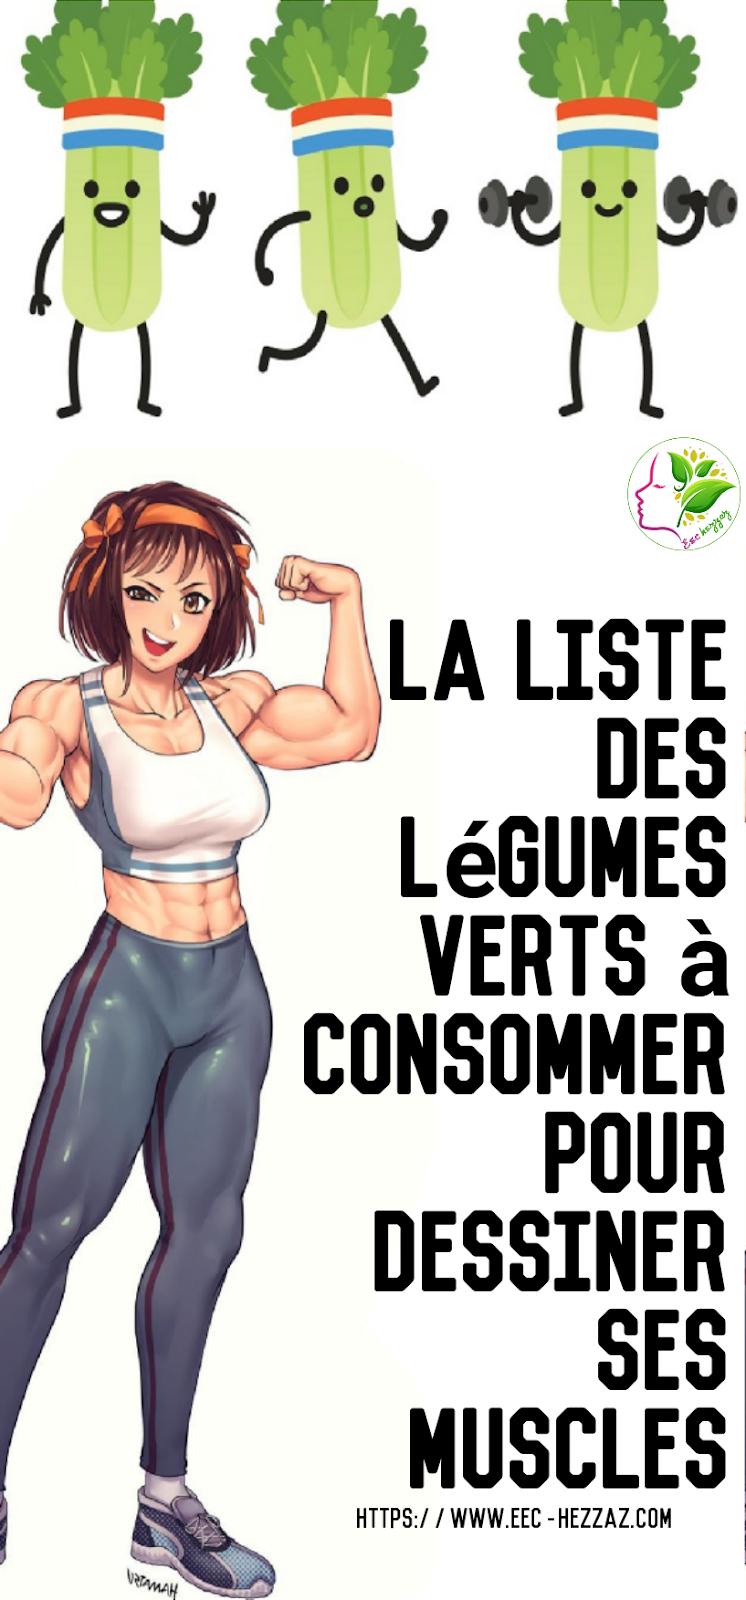 La liste des légumes verts à consommer pour dessiner ses muscles